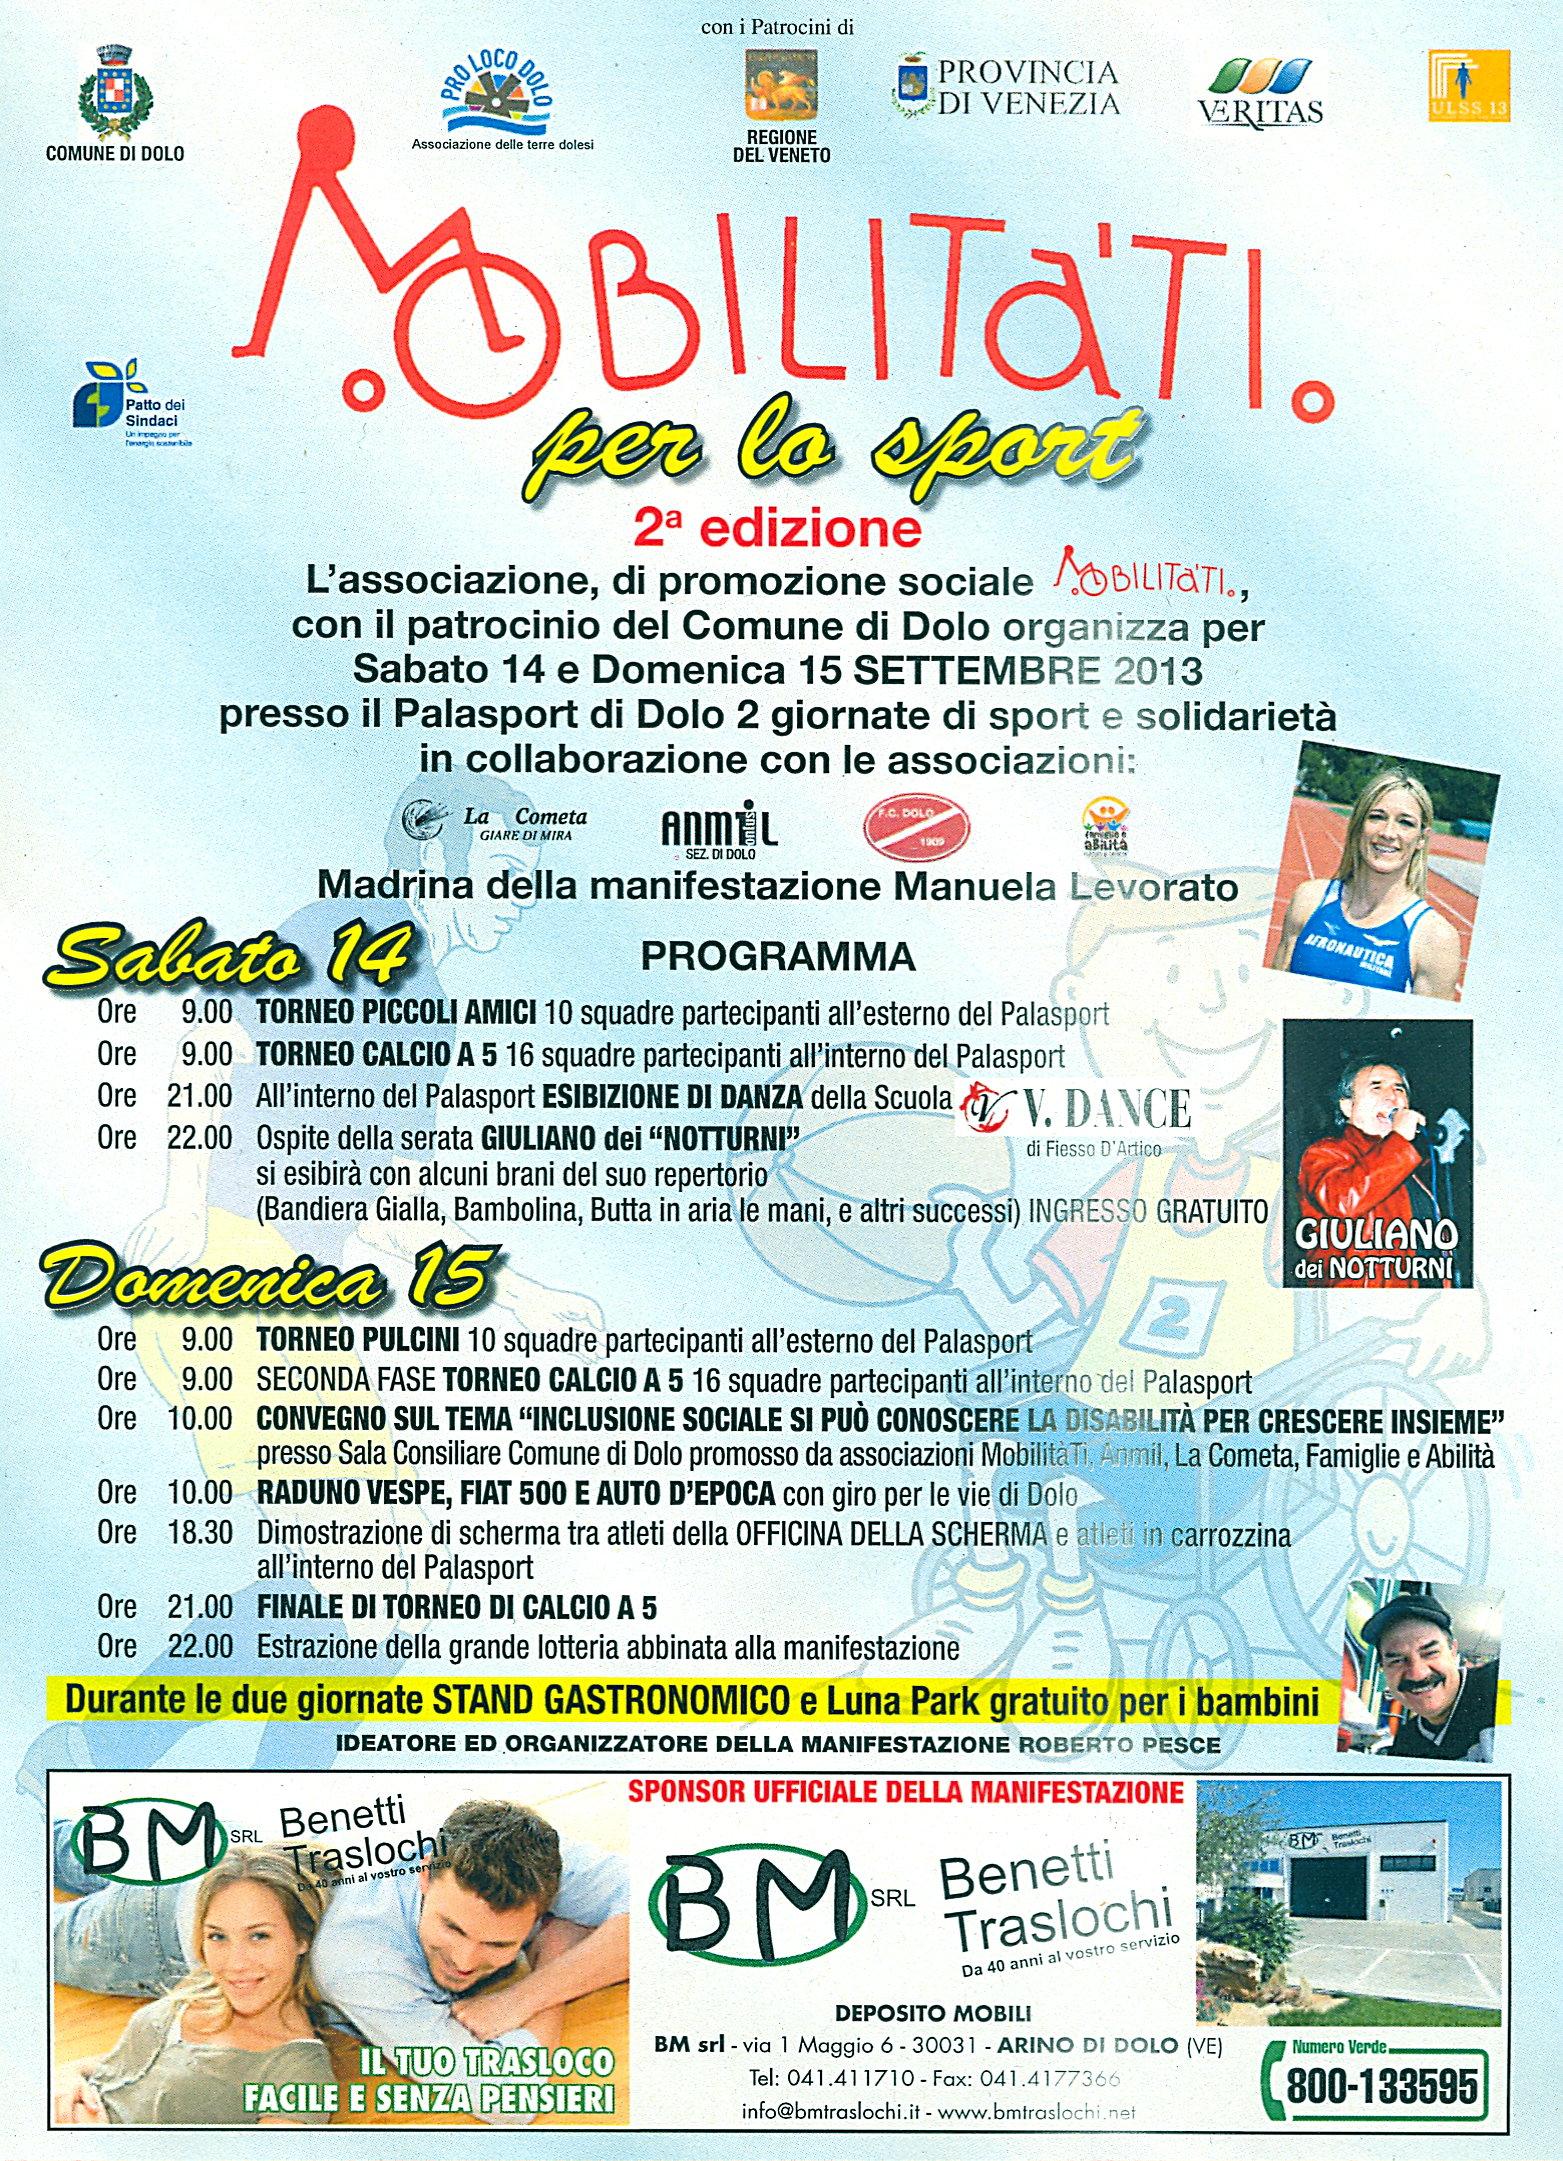 15.9.2013 Mobilitàti (Dolo, Venezia)